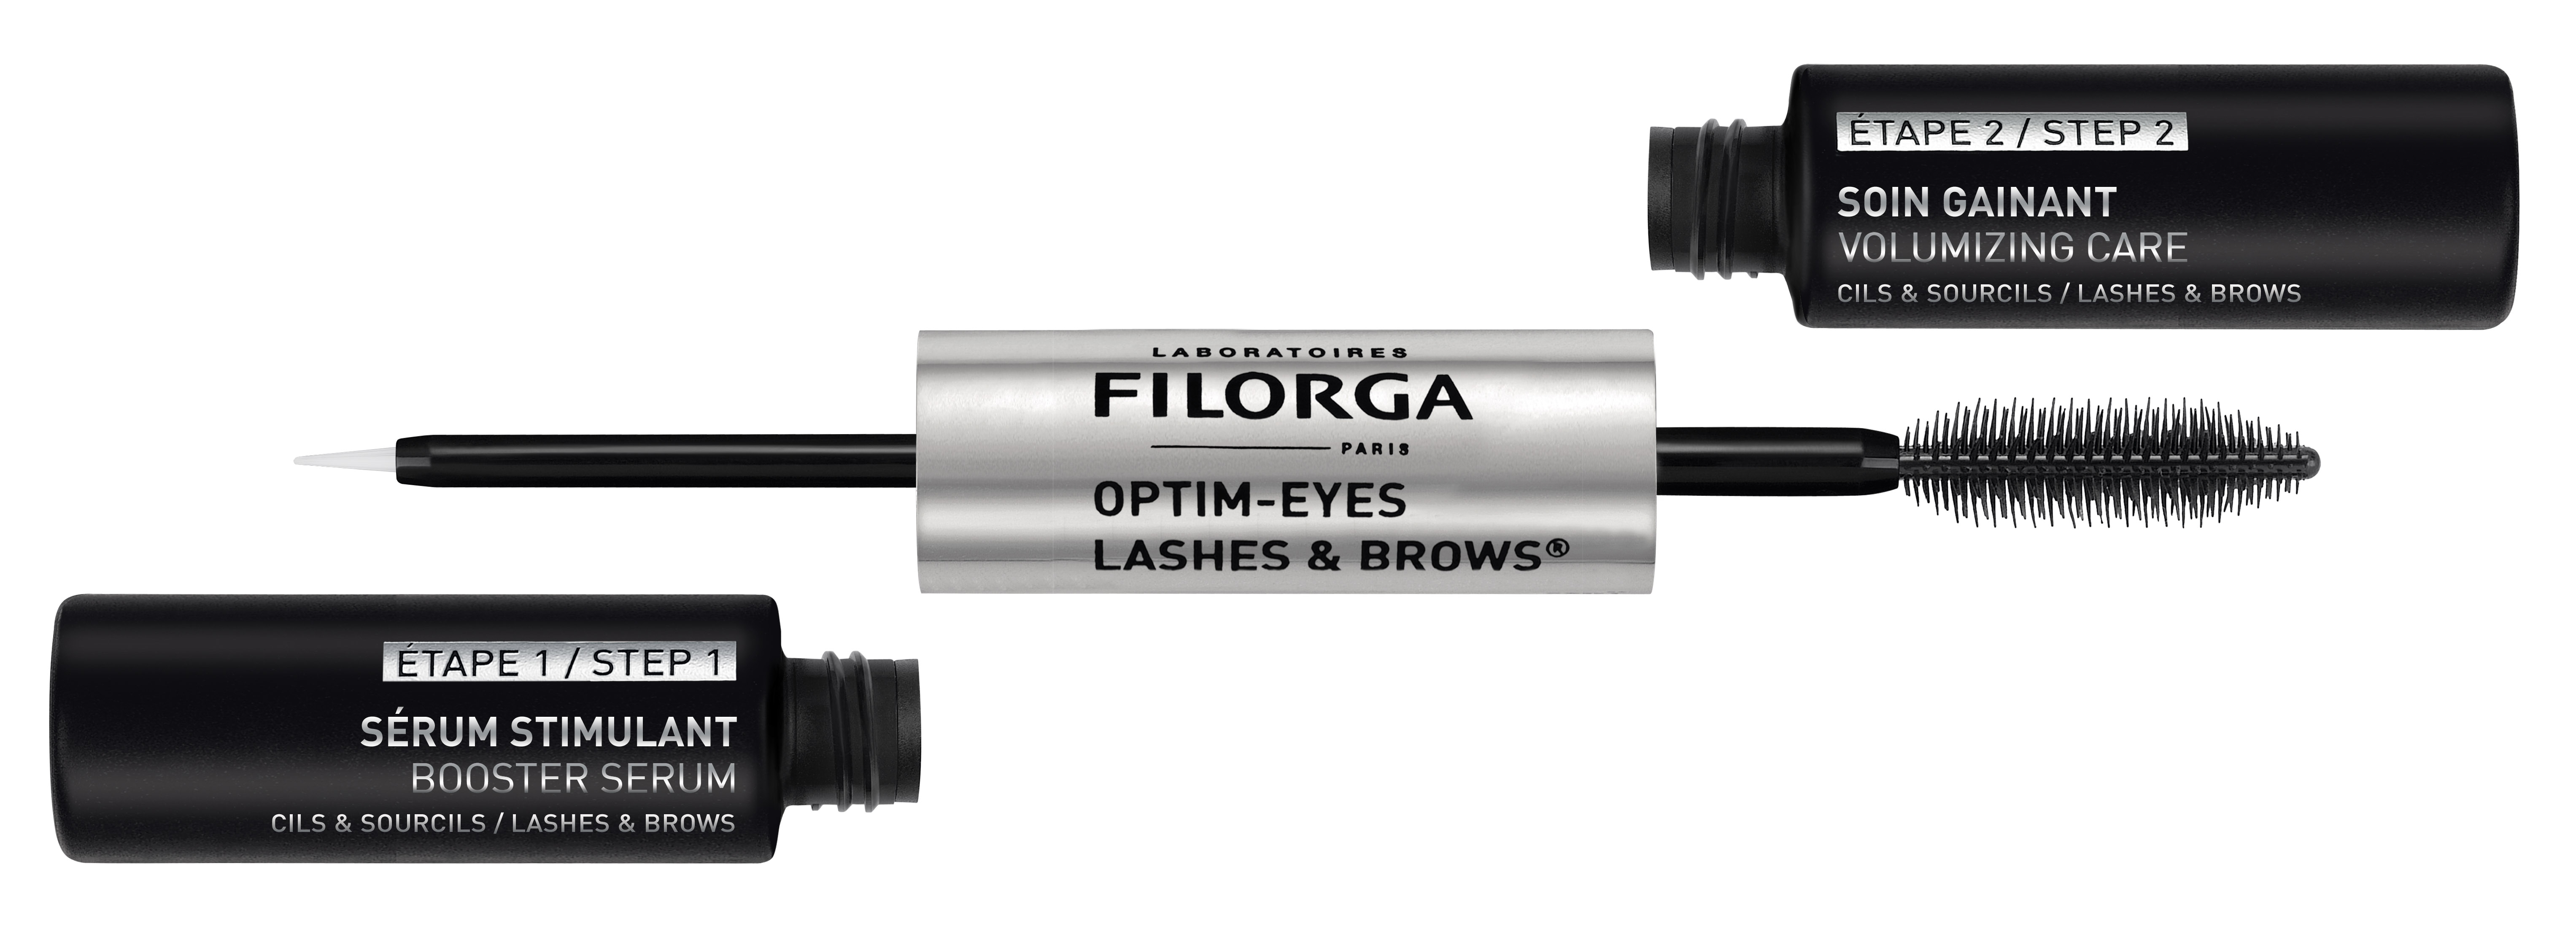 Filorga Optim Eyes Lashes & Brows